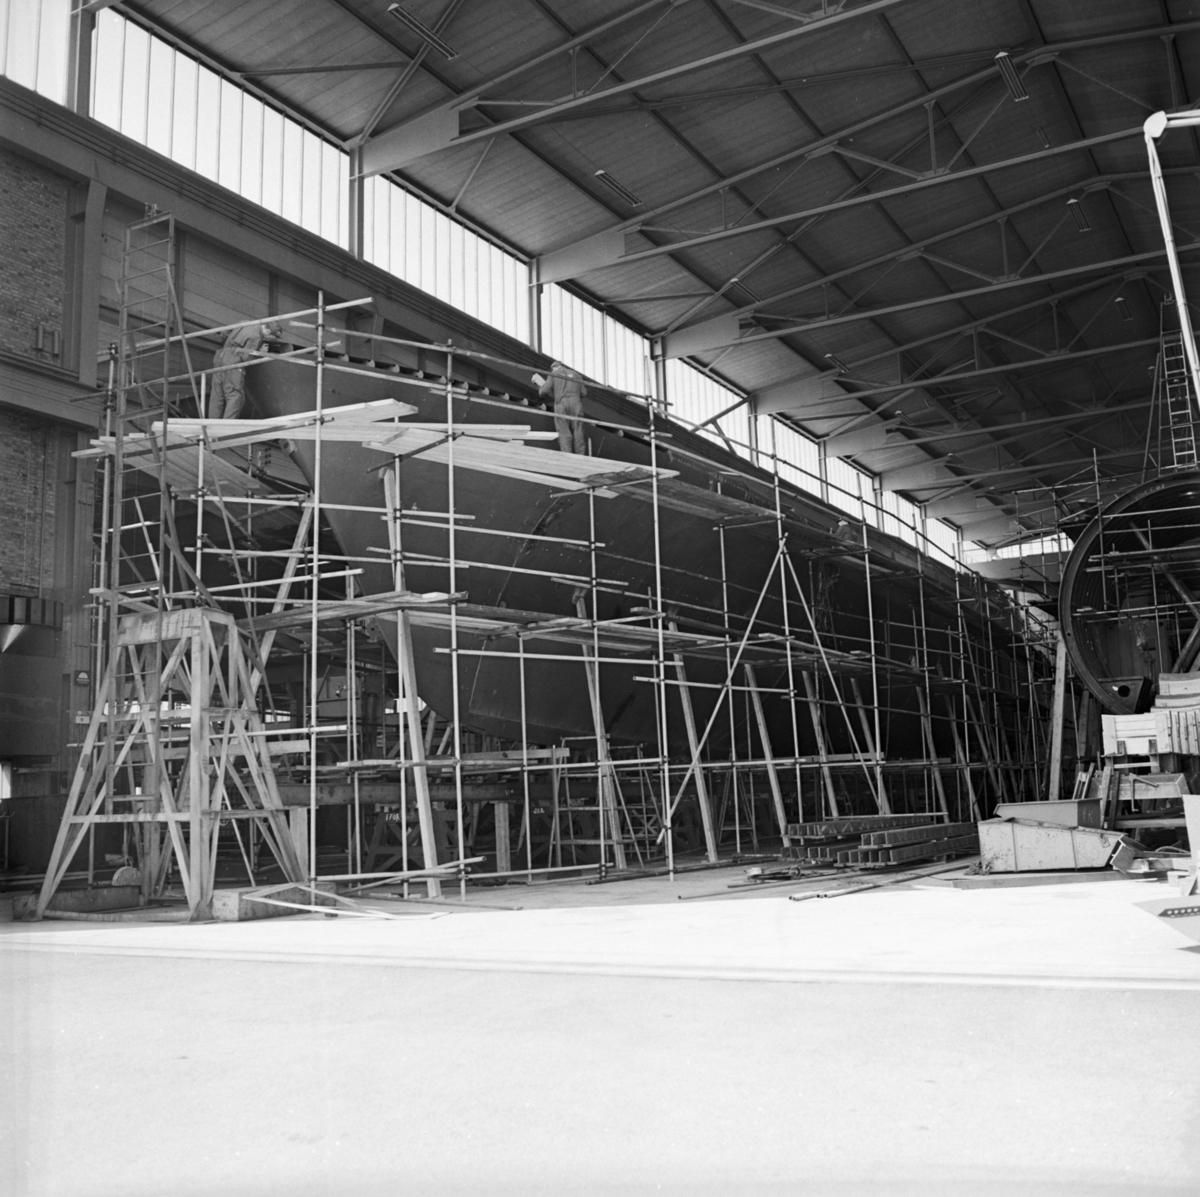 Övrigt: Foto datum: 8/6 1966 Byggnader och kranar Interiör av olika verkstäder. Närmast identisk bild: V36517, ej skannad